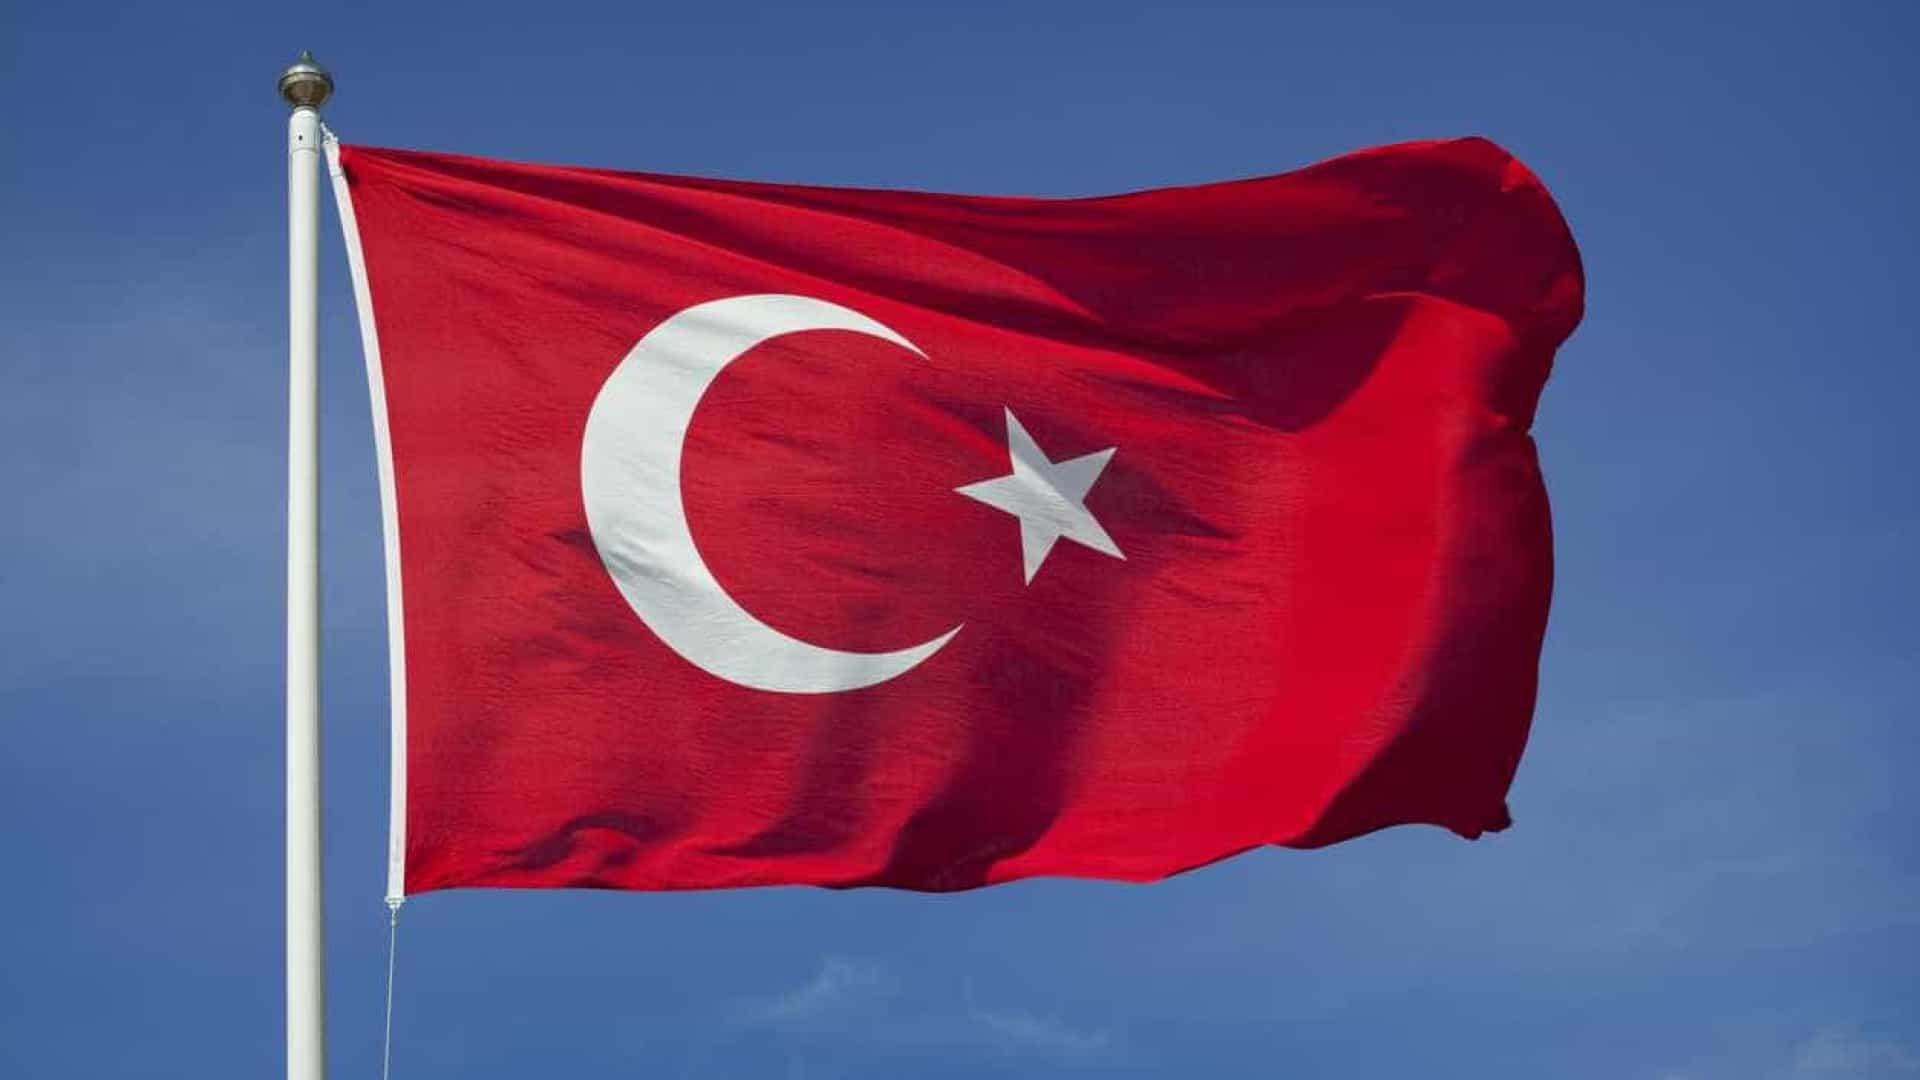 Confirmados quatro mortos no sismo que atingiu Turquia